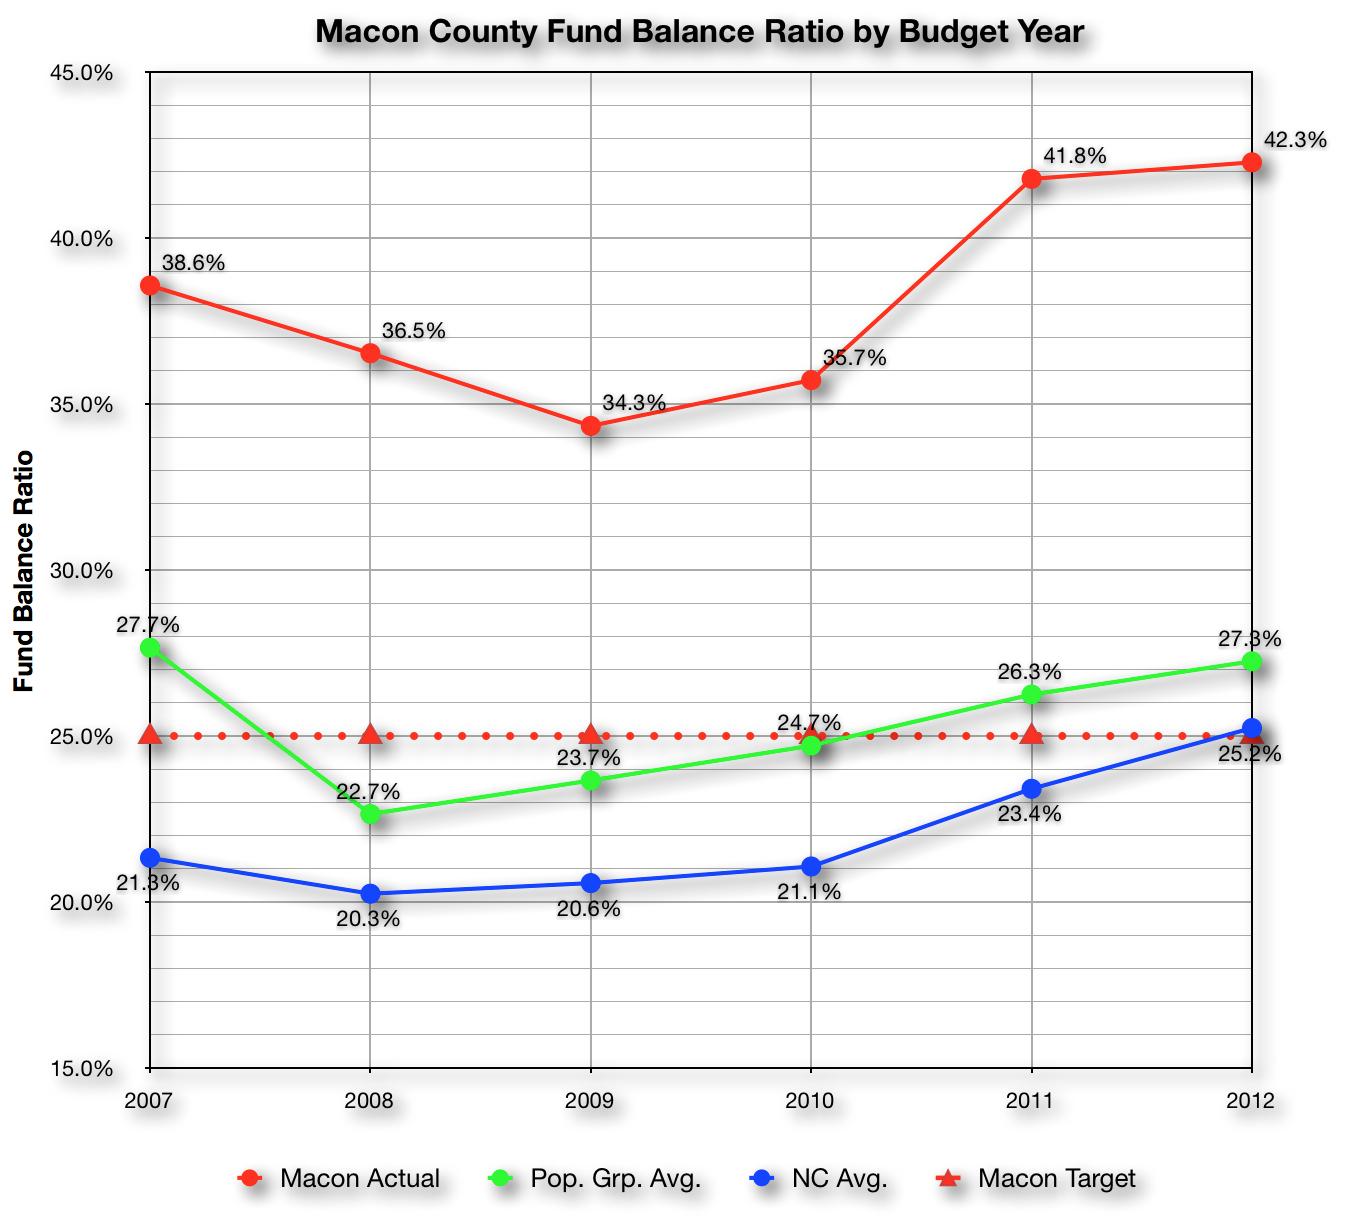 Macon County General Fundbalance of macon county